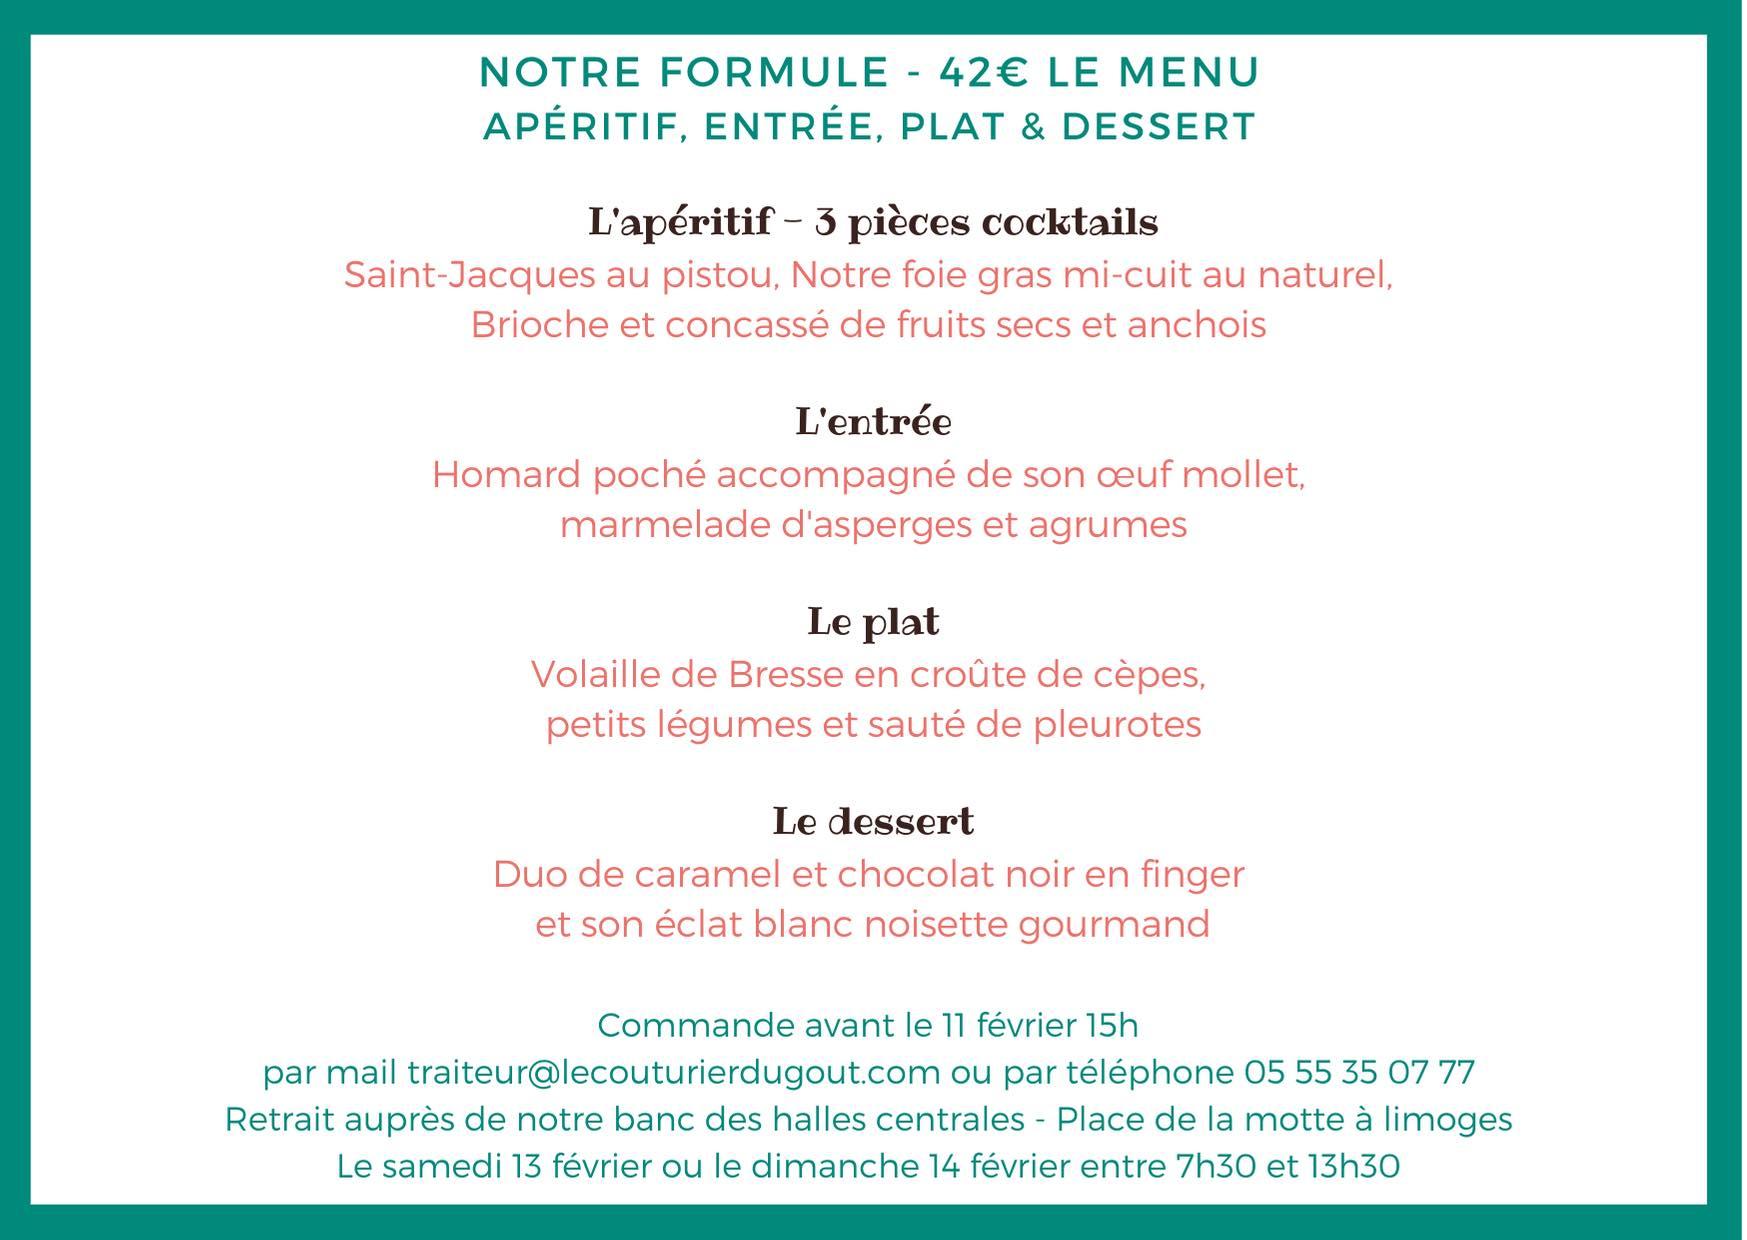 menu-saint-valentin-couturier-du-gout